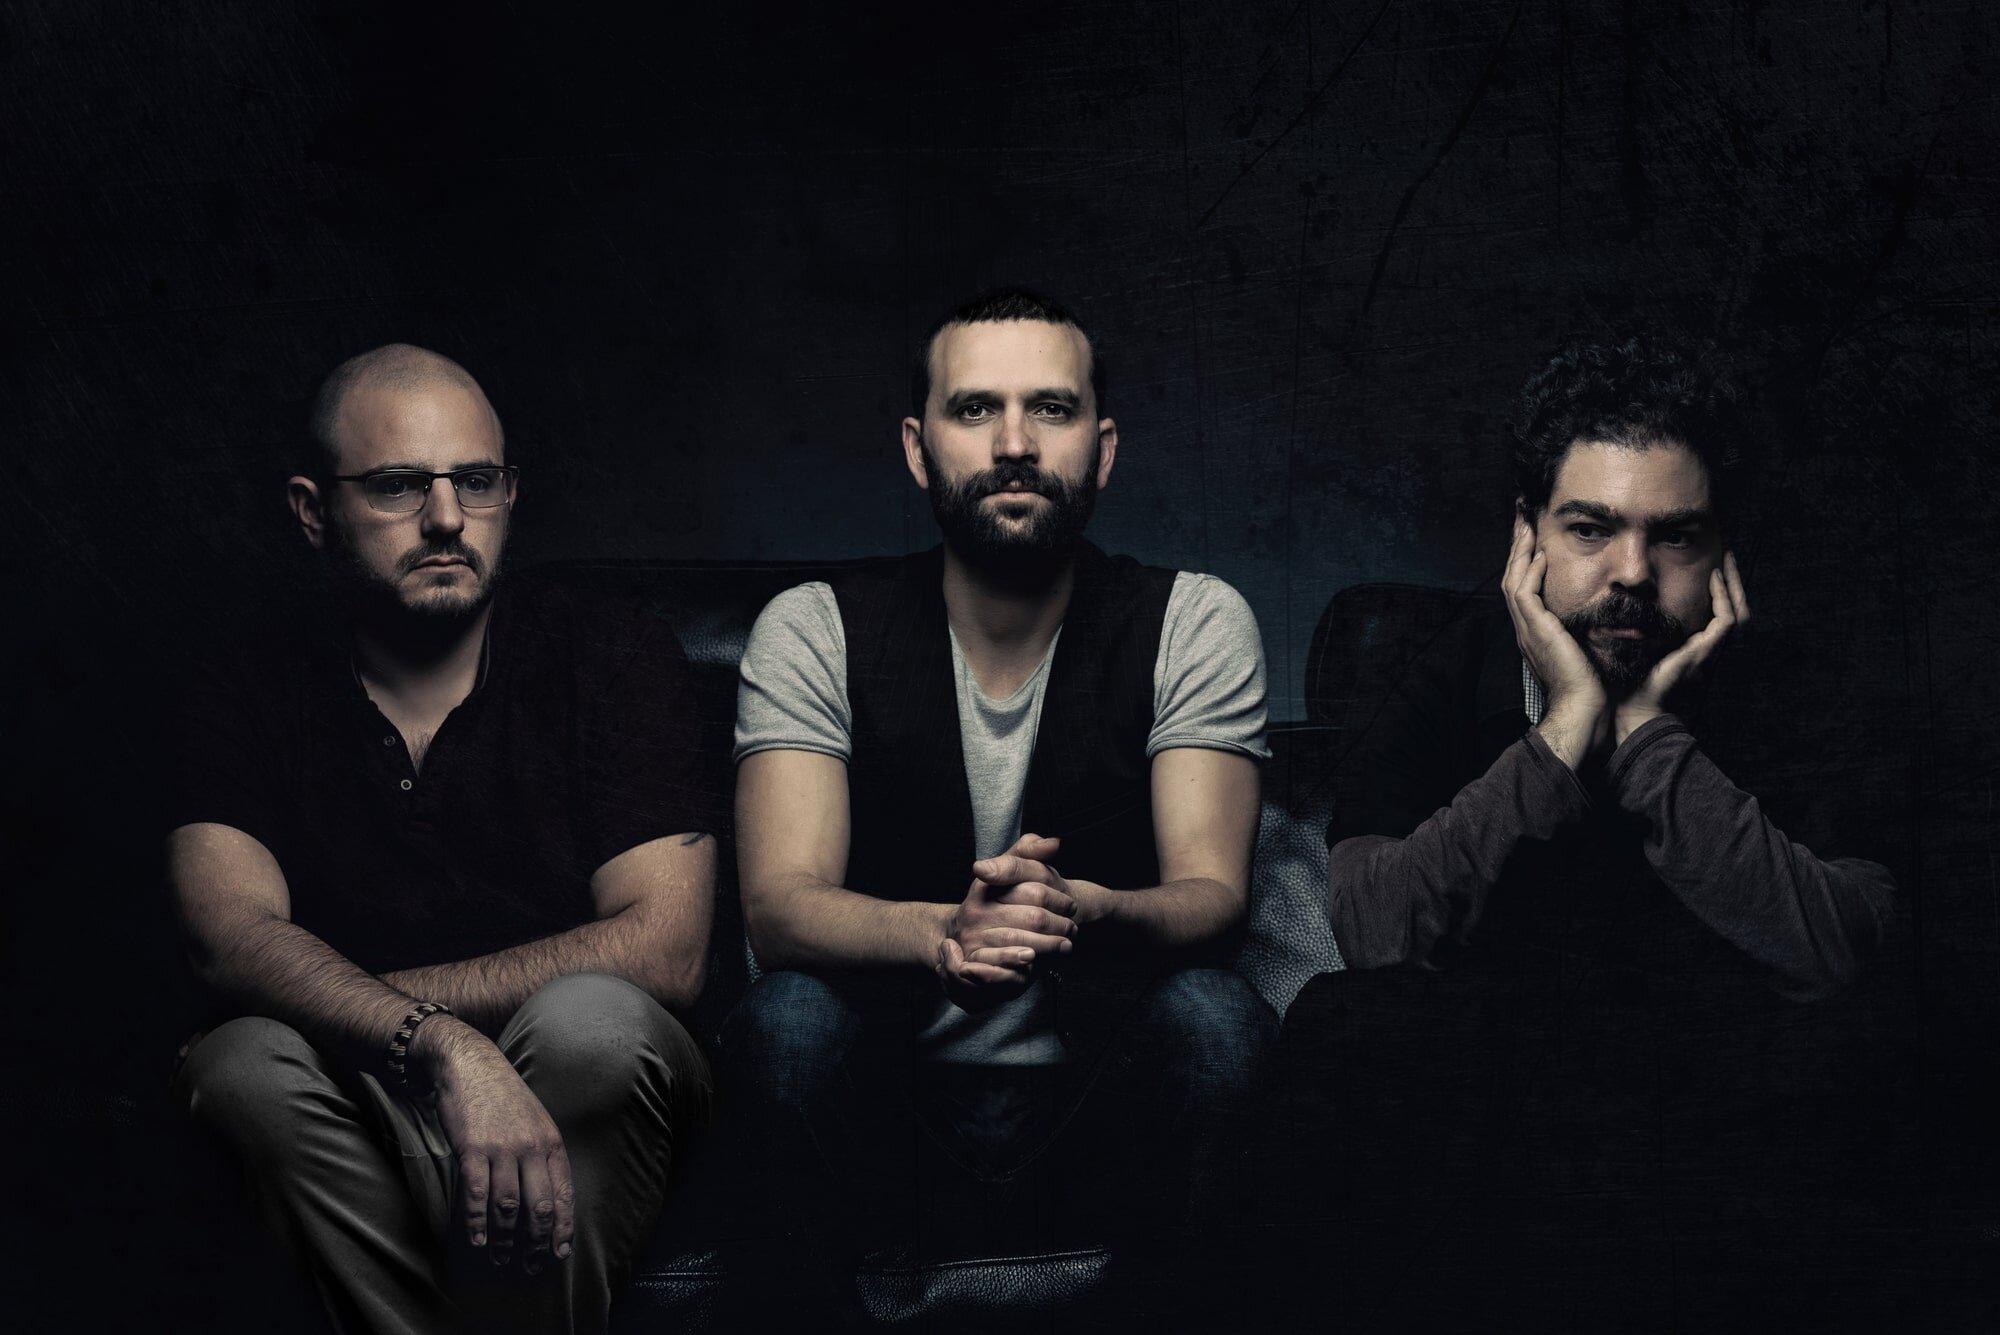 צילום תדמית ללהקה : ניר רויטמן